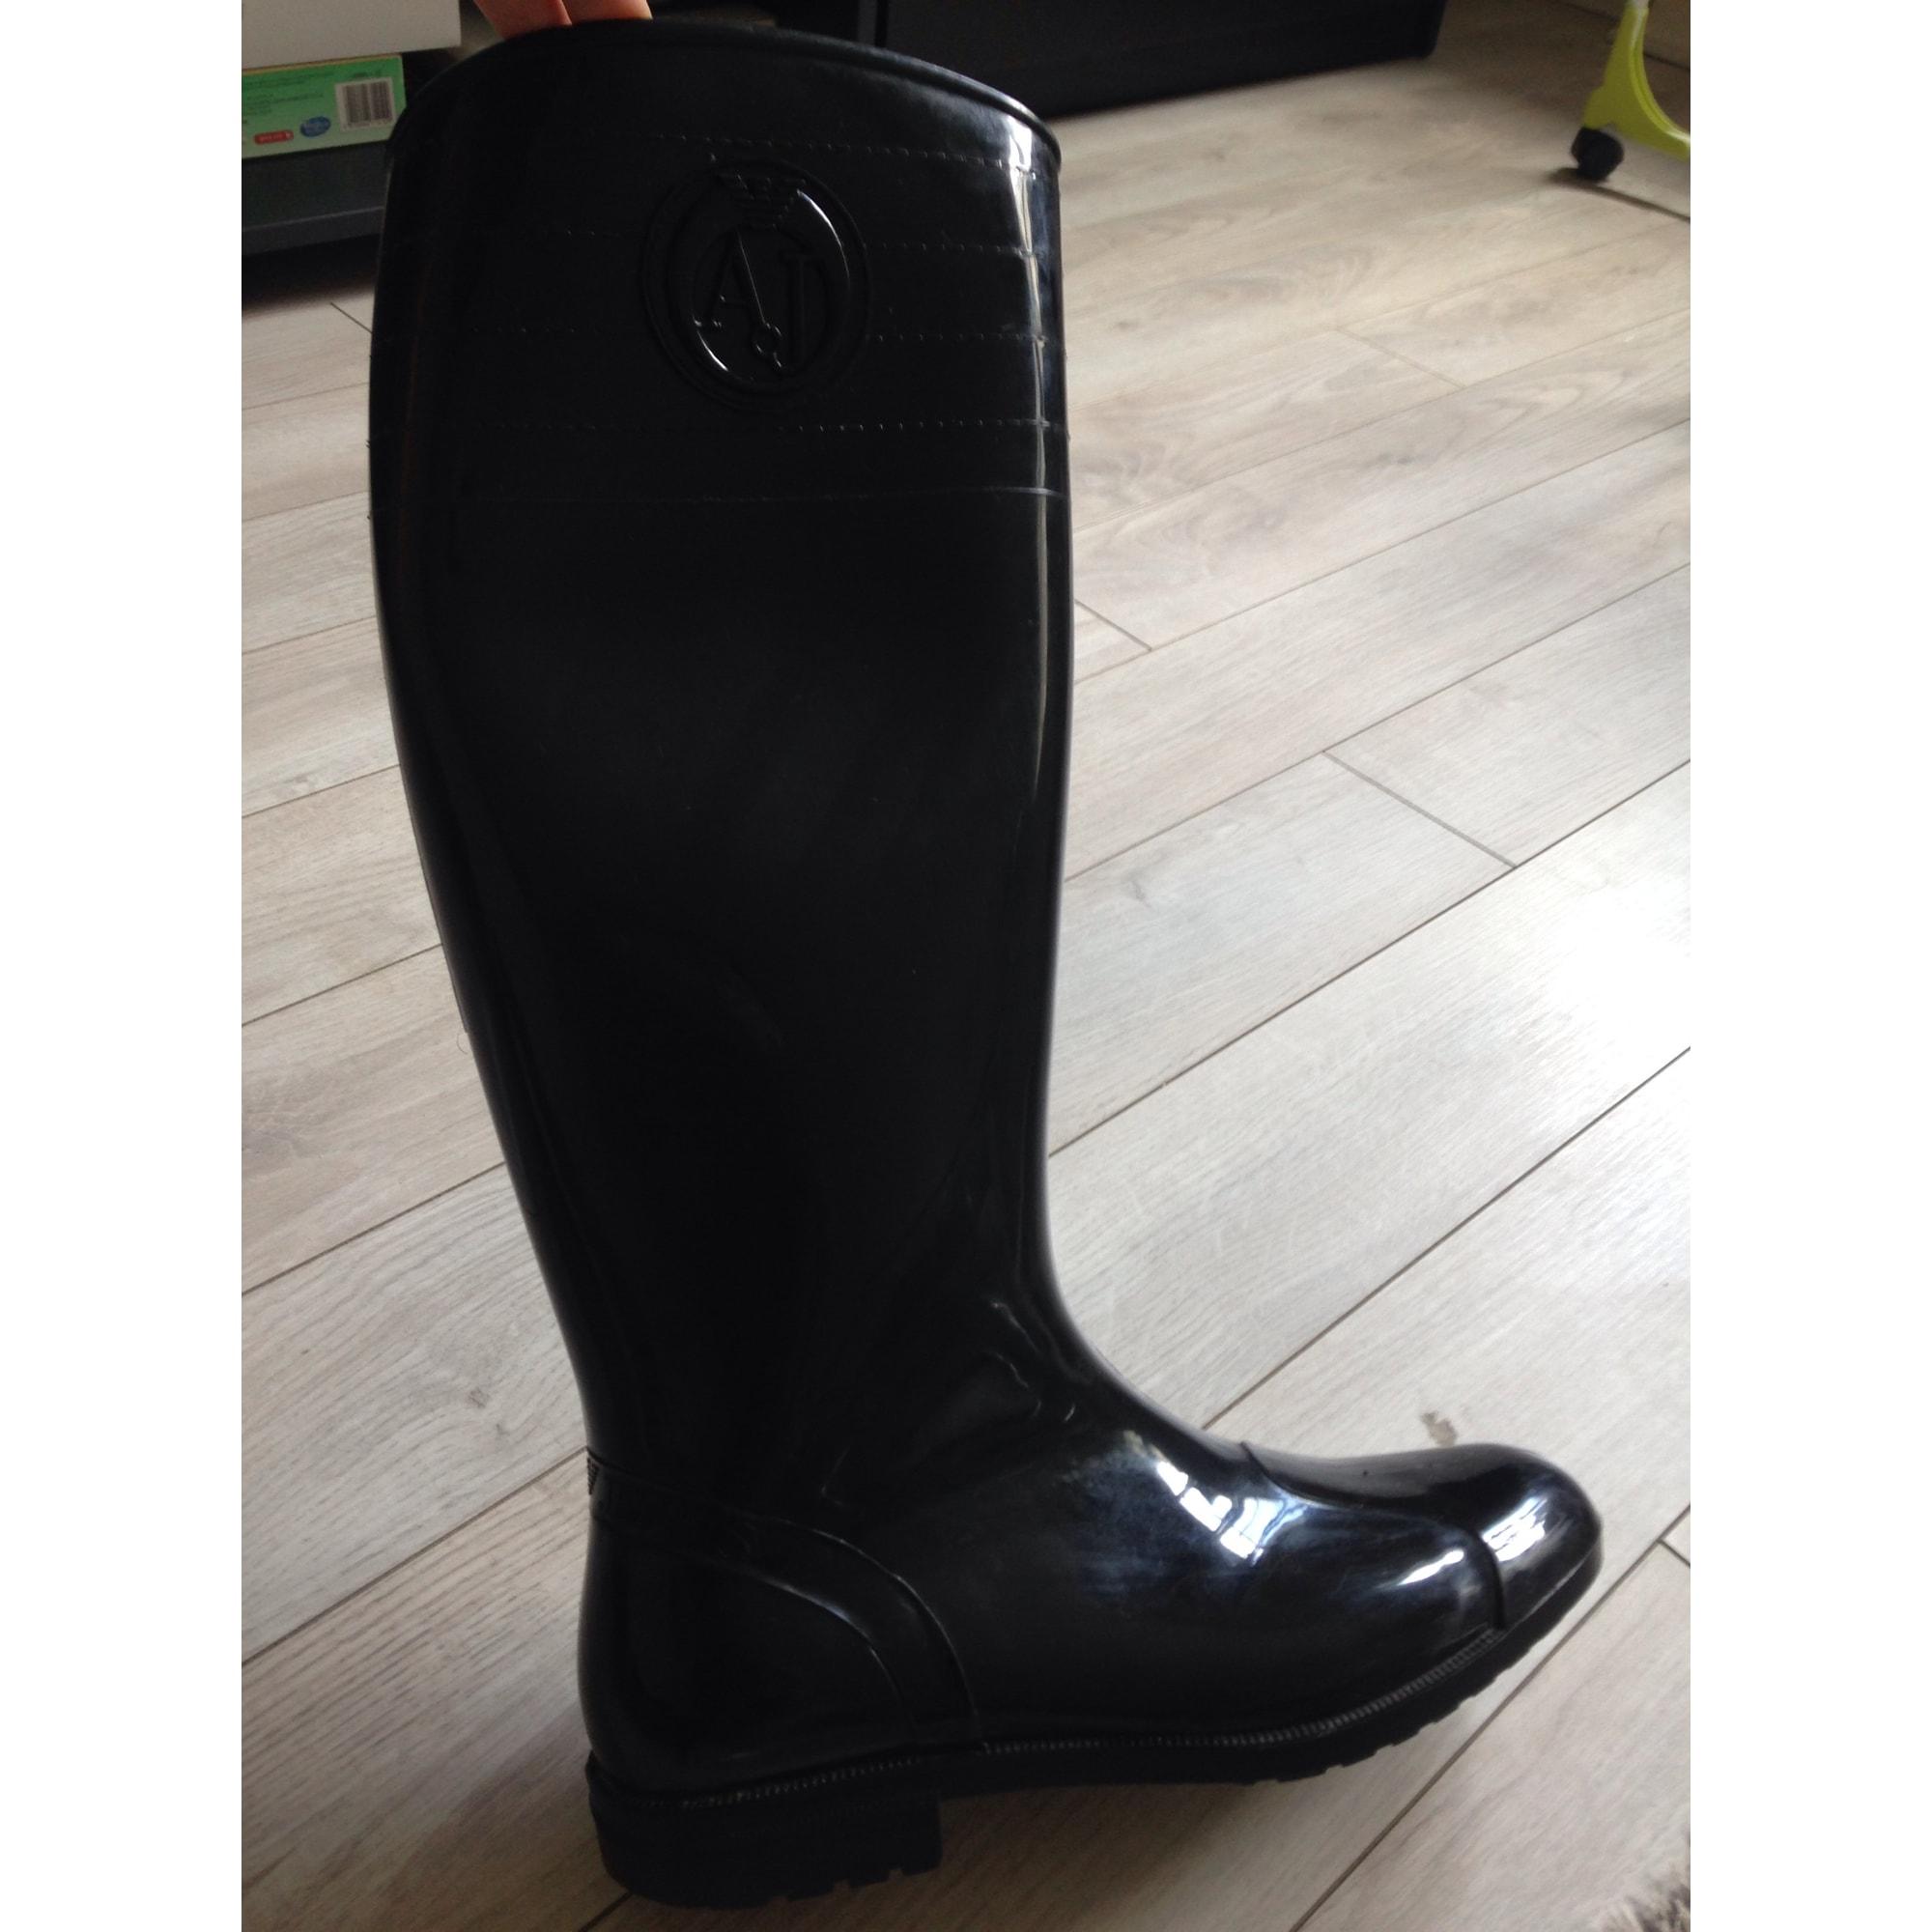 05d5f386f94d Vente bottes de pluie armani jeans femme Gatorade Daim Vert Pas ...